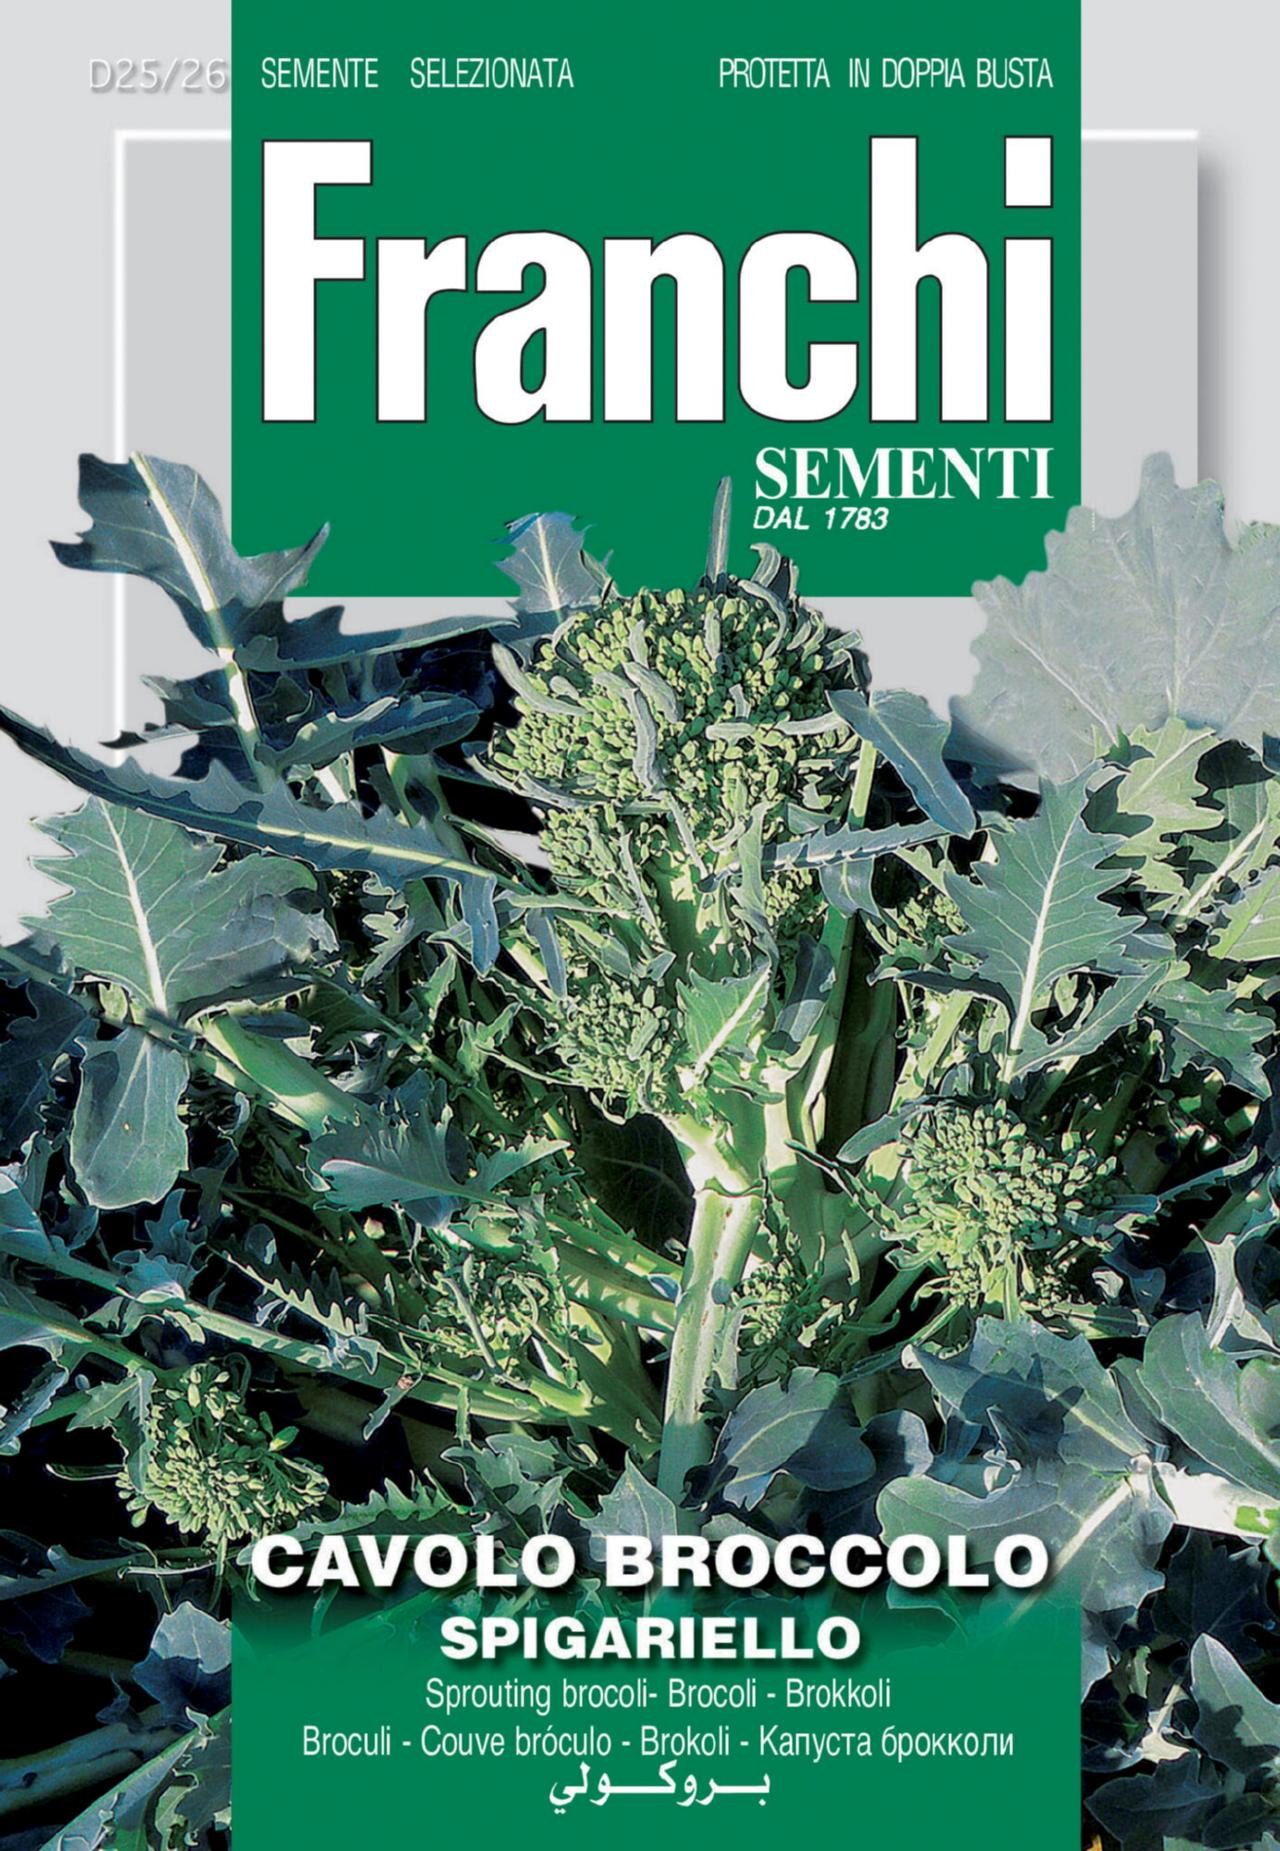 Brassica oleracea 'Spigariello' plant